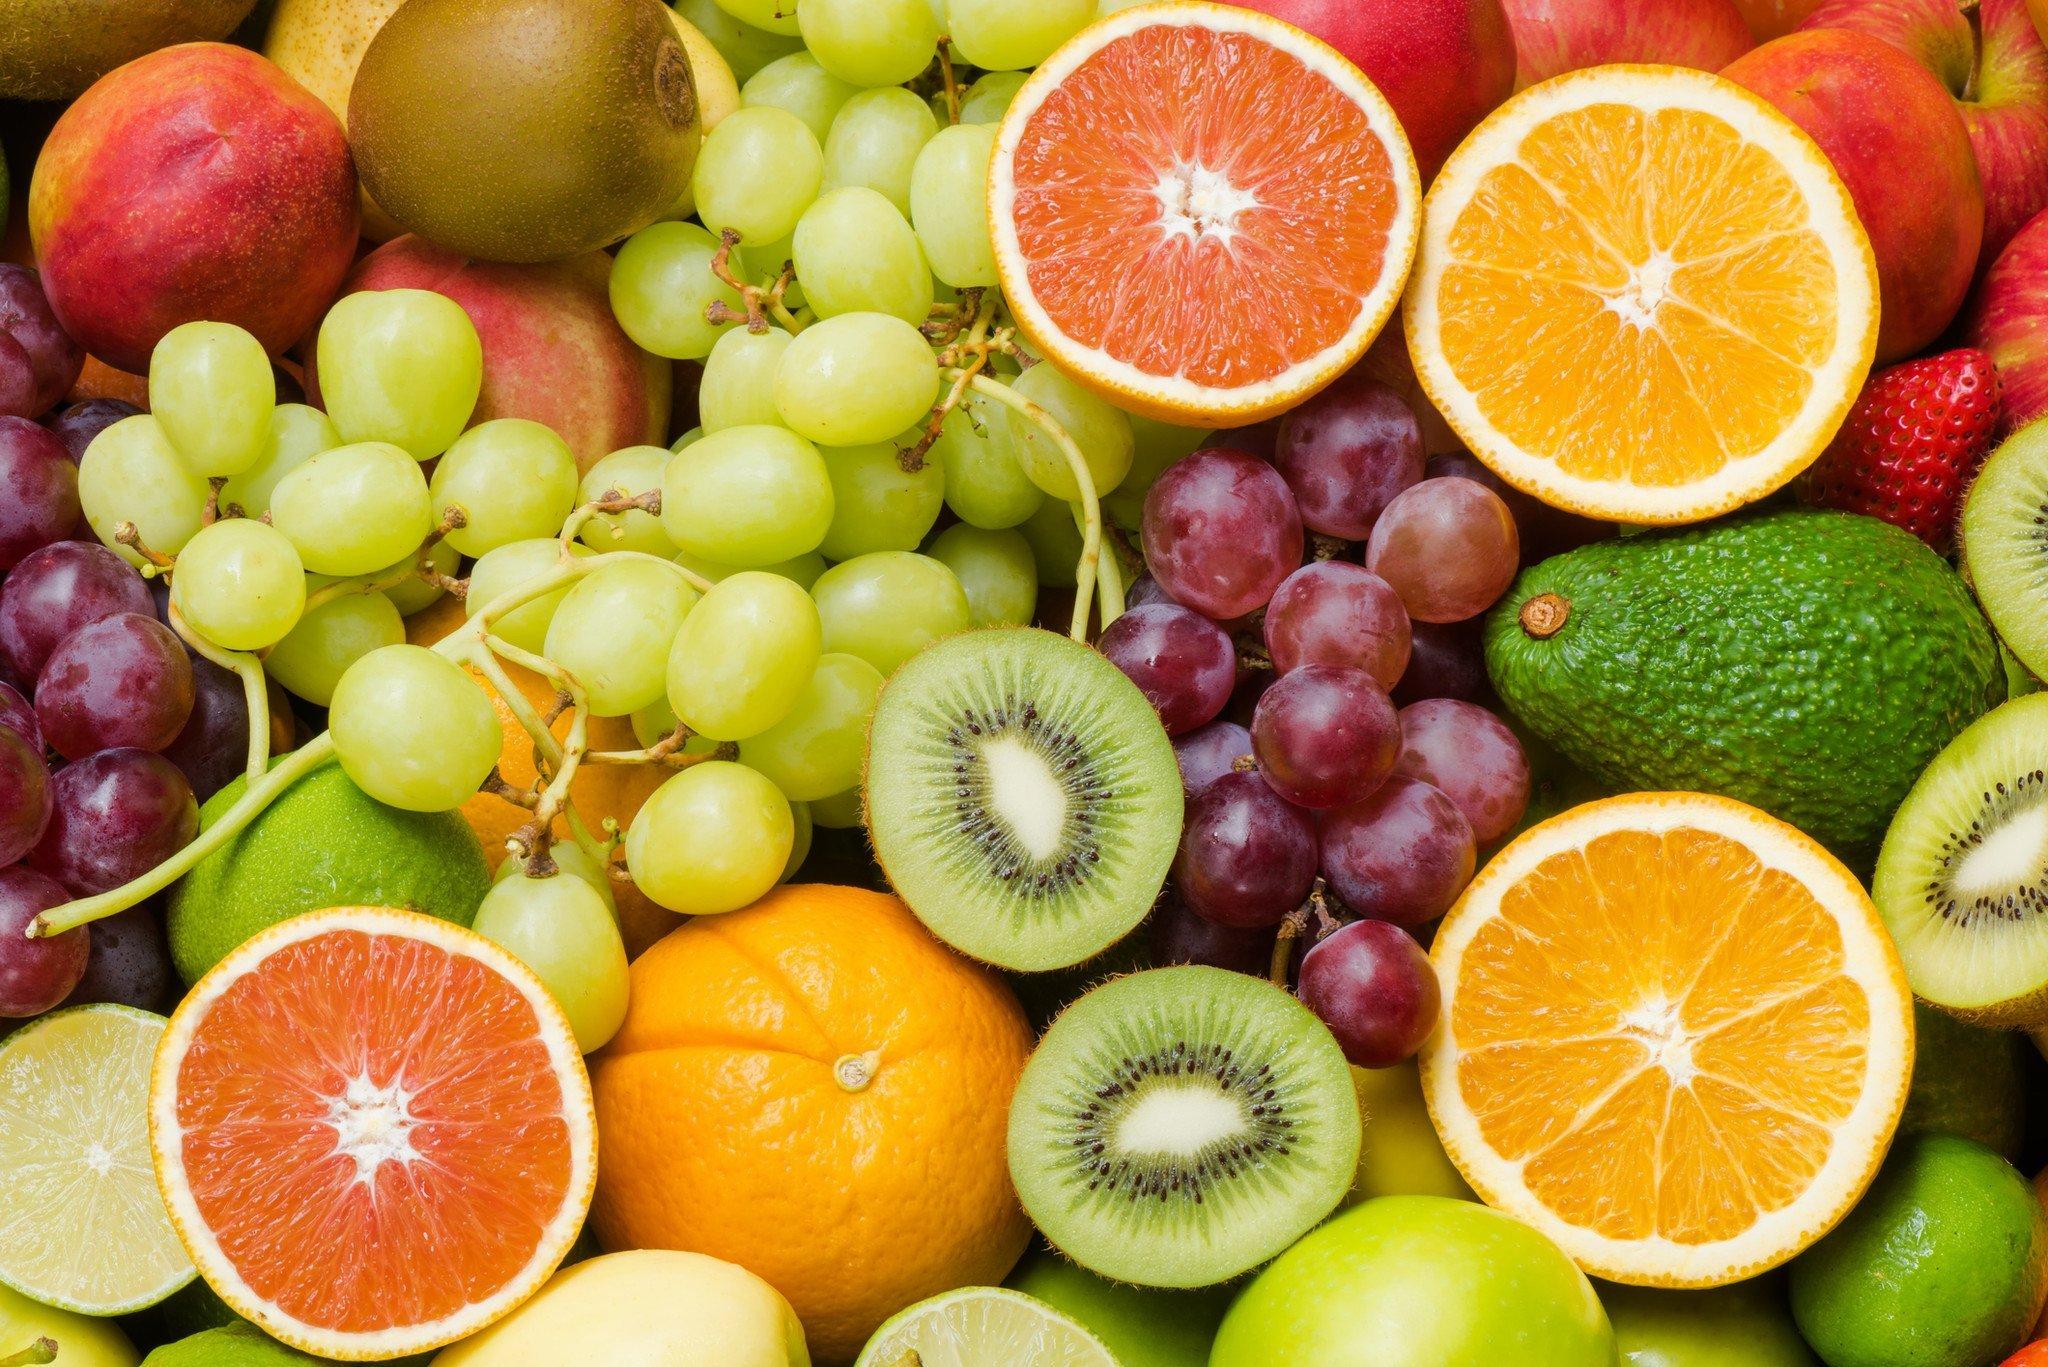 Ăn nhiều hoa quả tươi giúp cung cấp các vitamin có lợi,giúp ngăn ngừa khả năng bệnh ung thư dạ dày